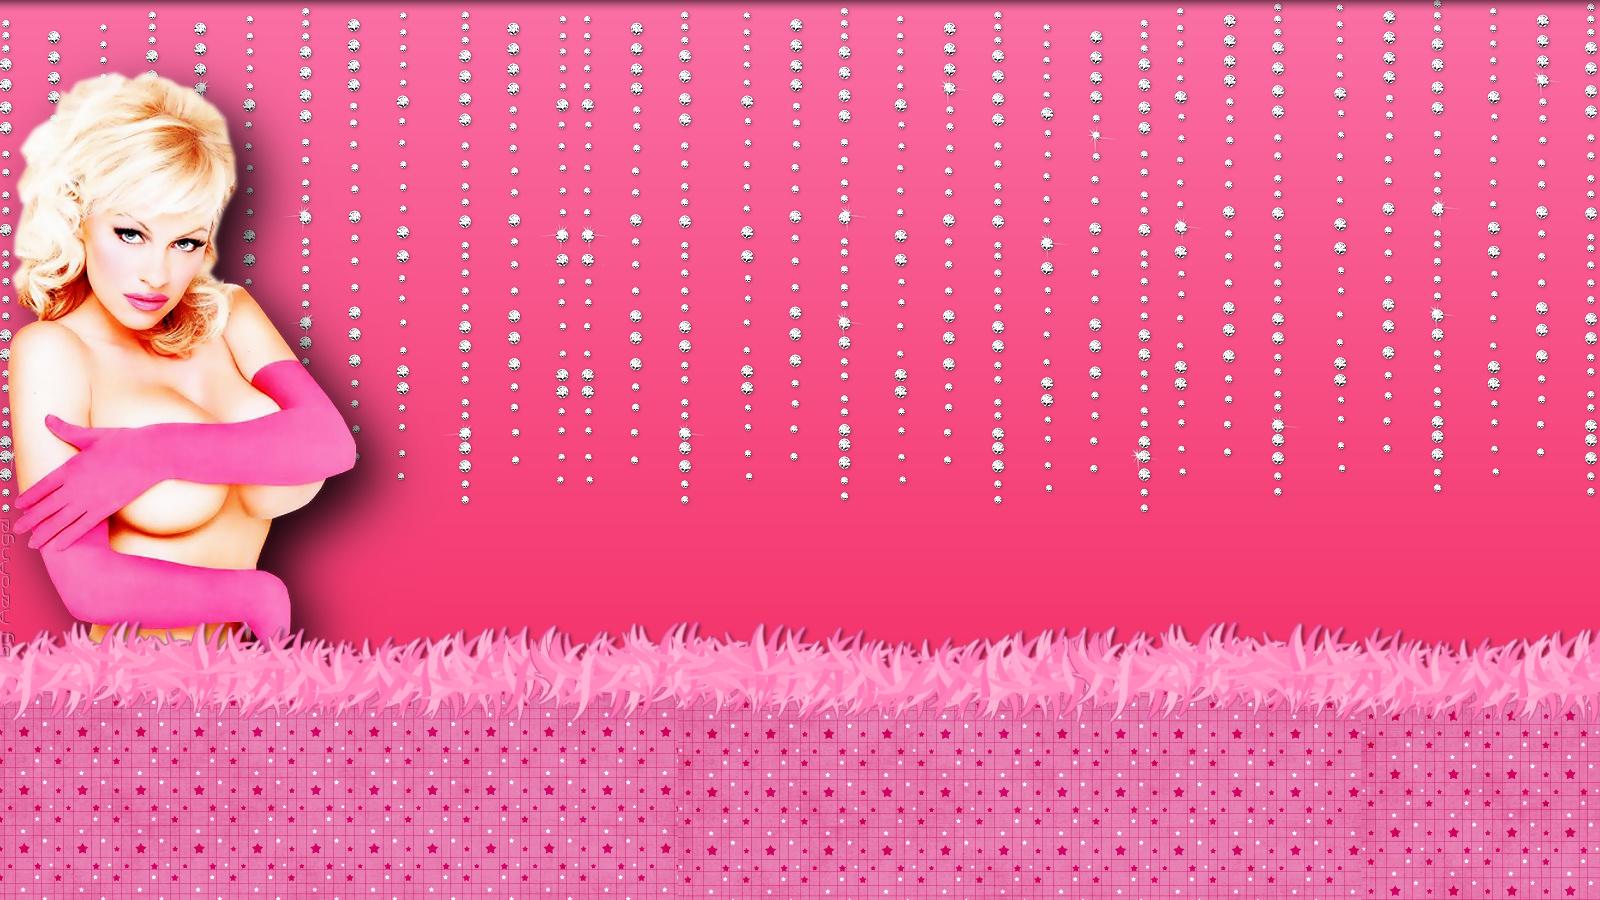 pink pretty wallpaper wallpapersafari